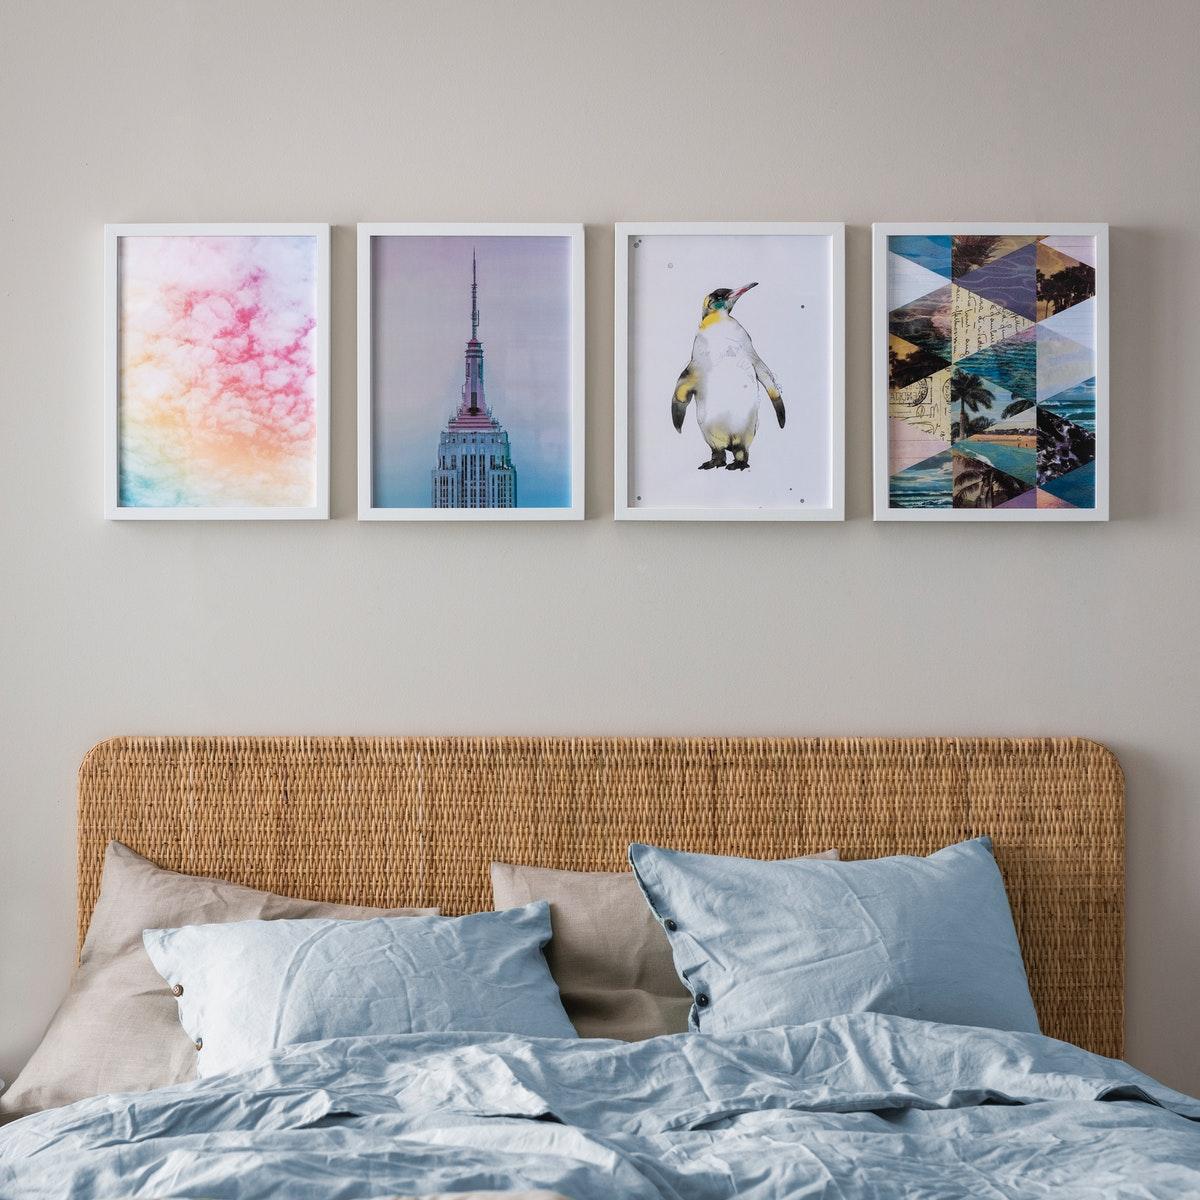 dekorasi dinding kamar yang artistik dan murah